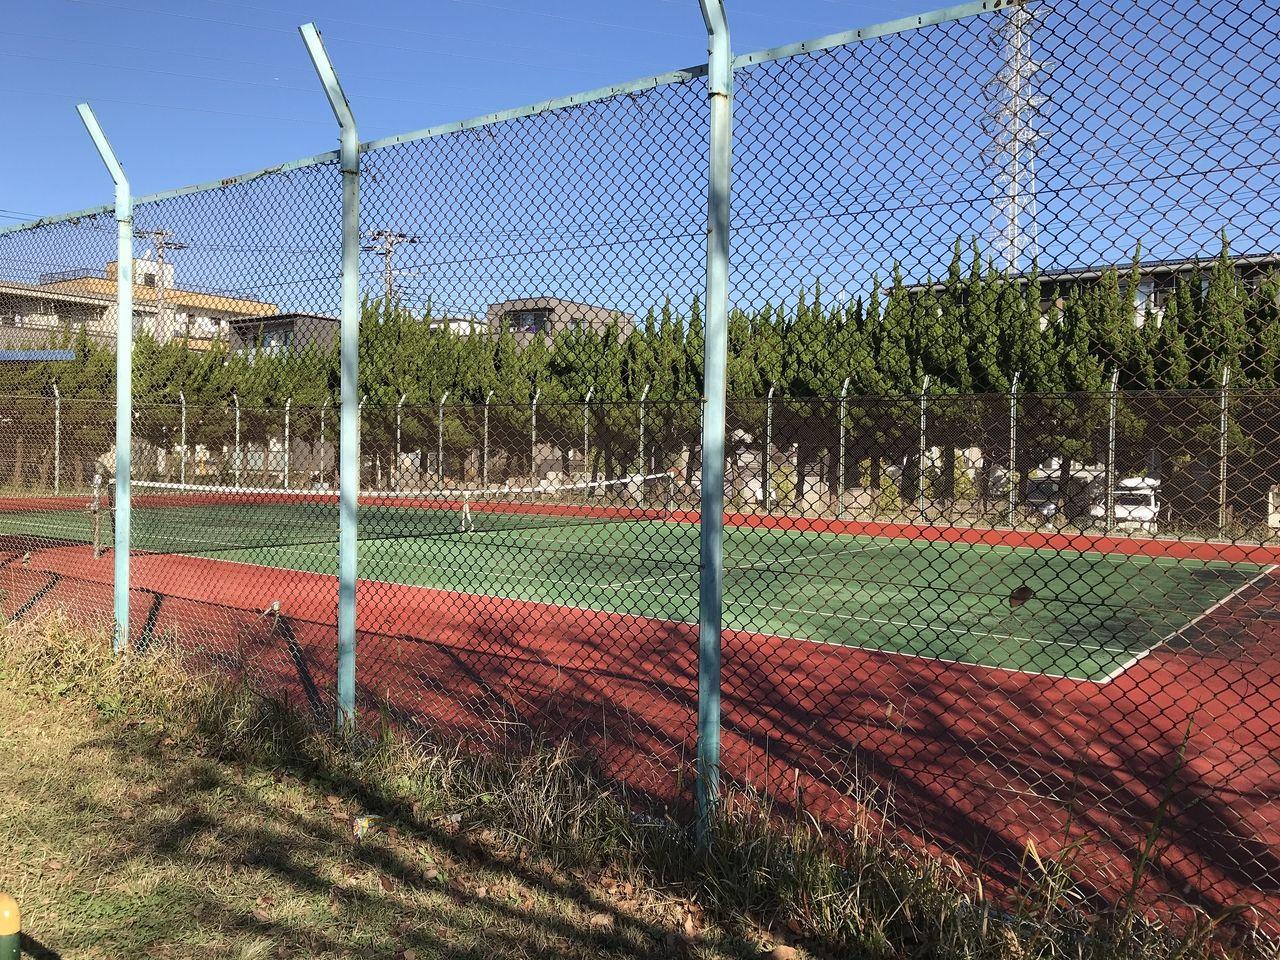 行徳の塩焼中央公園のテニスコート